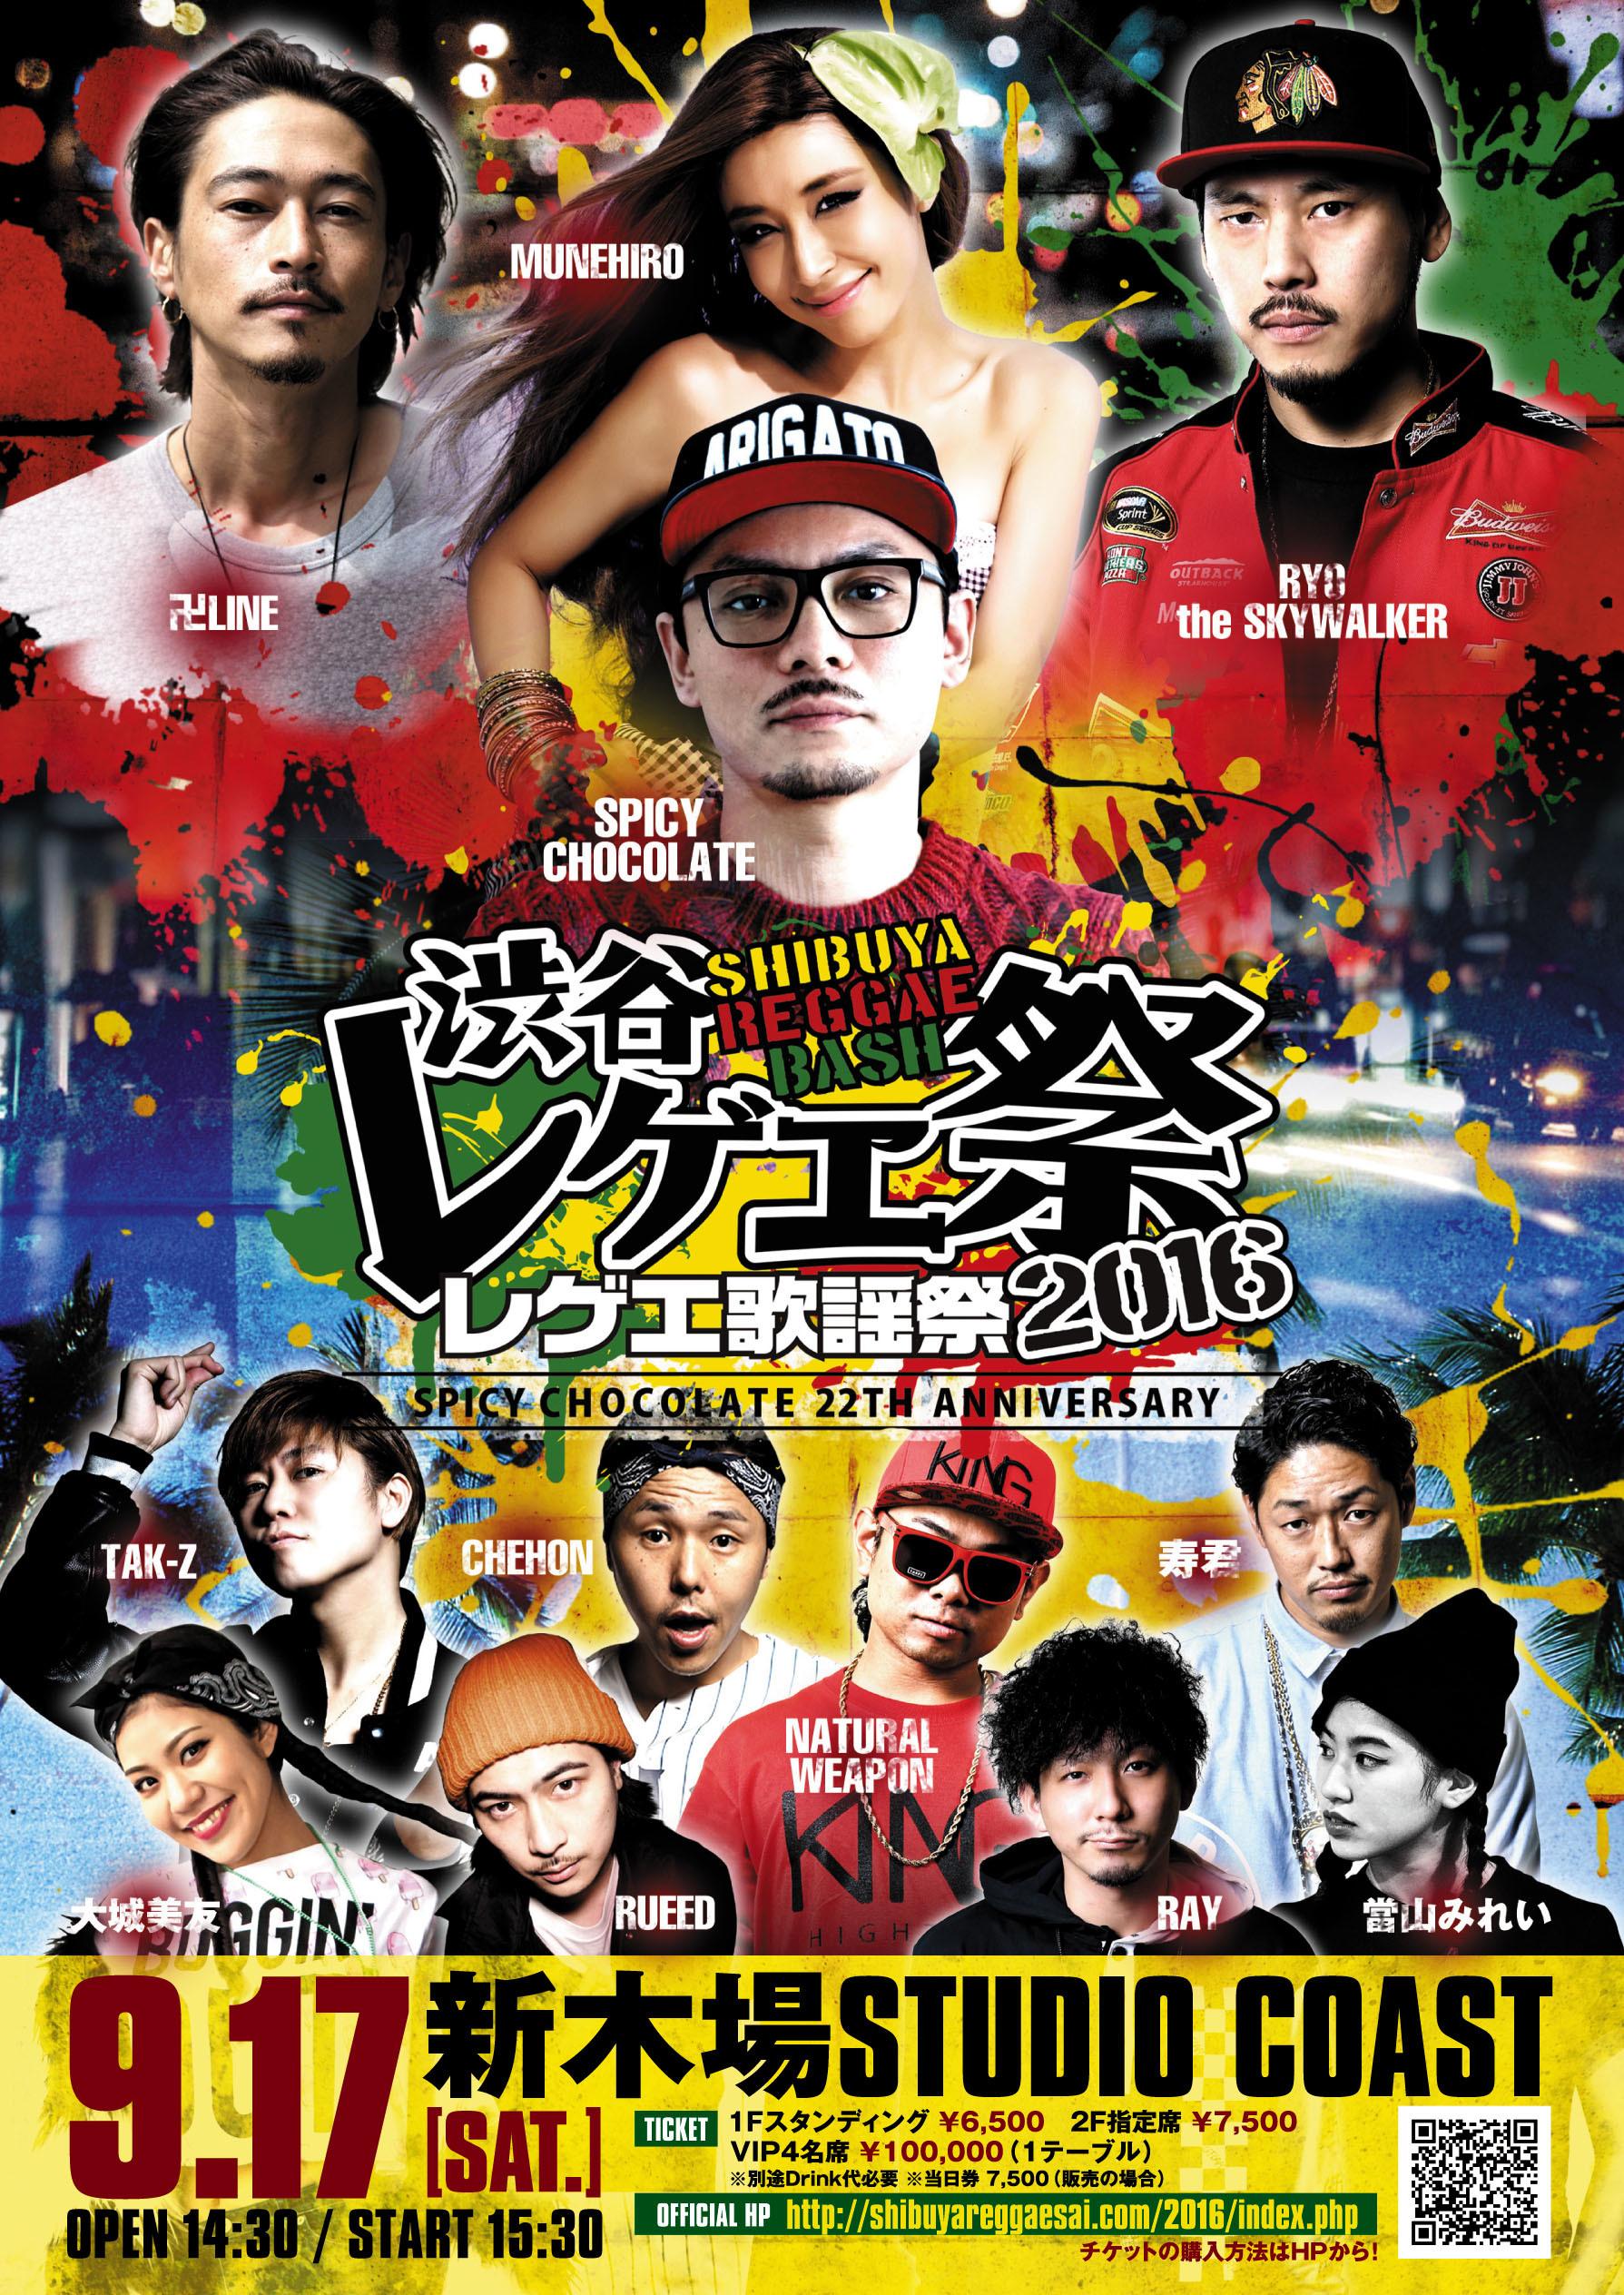 渋谷レゲエ祭に卍LINE、MUNEHIRO...